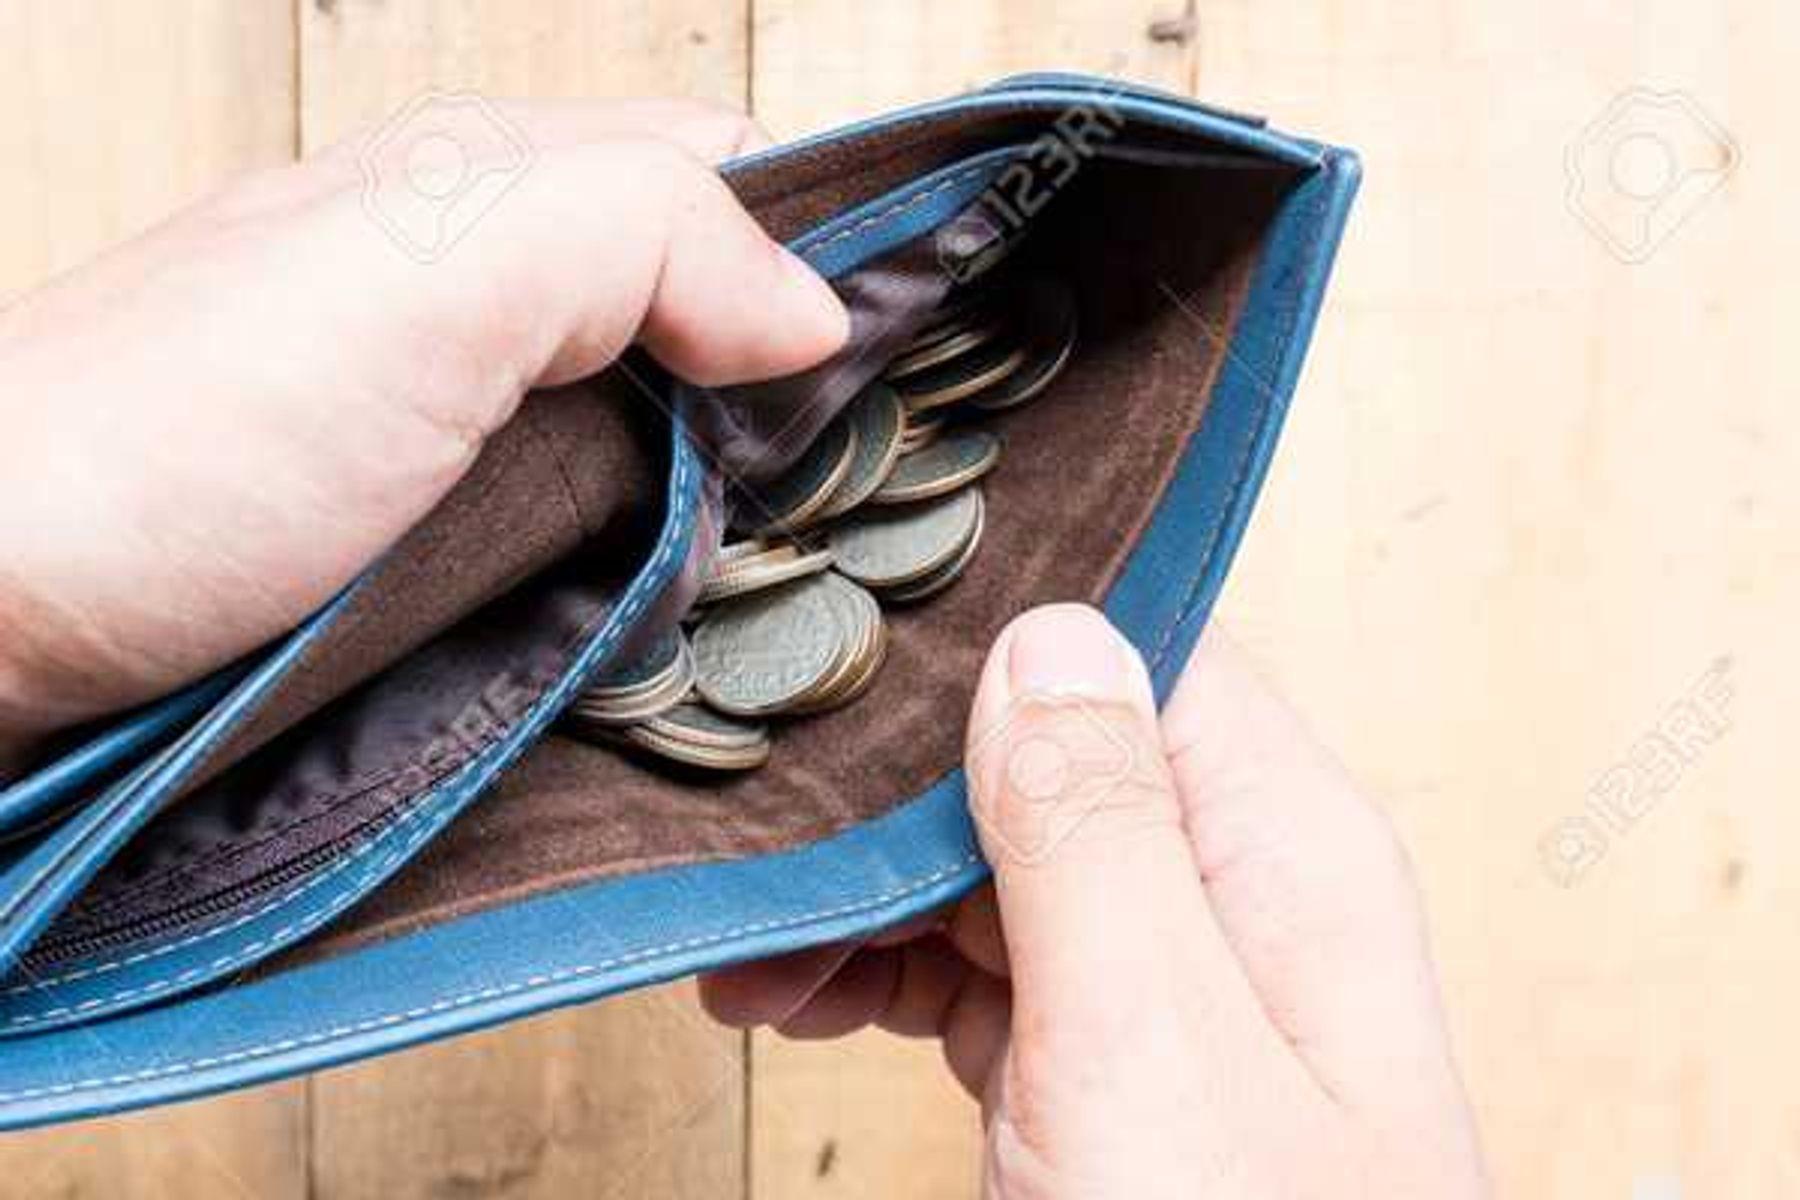 Các khoản chi tiêu trong gia đình gồm những gì?